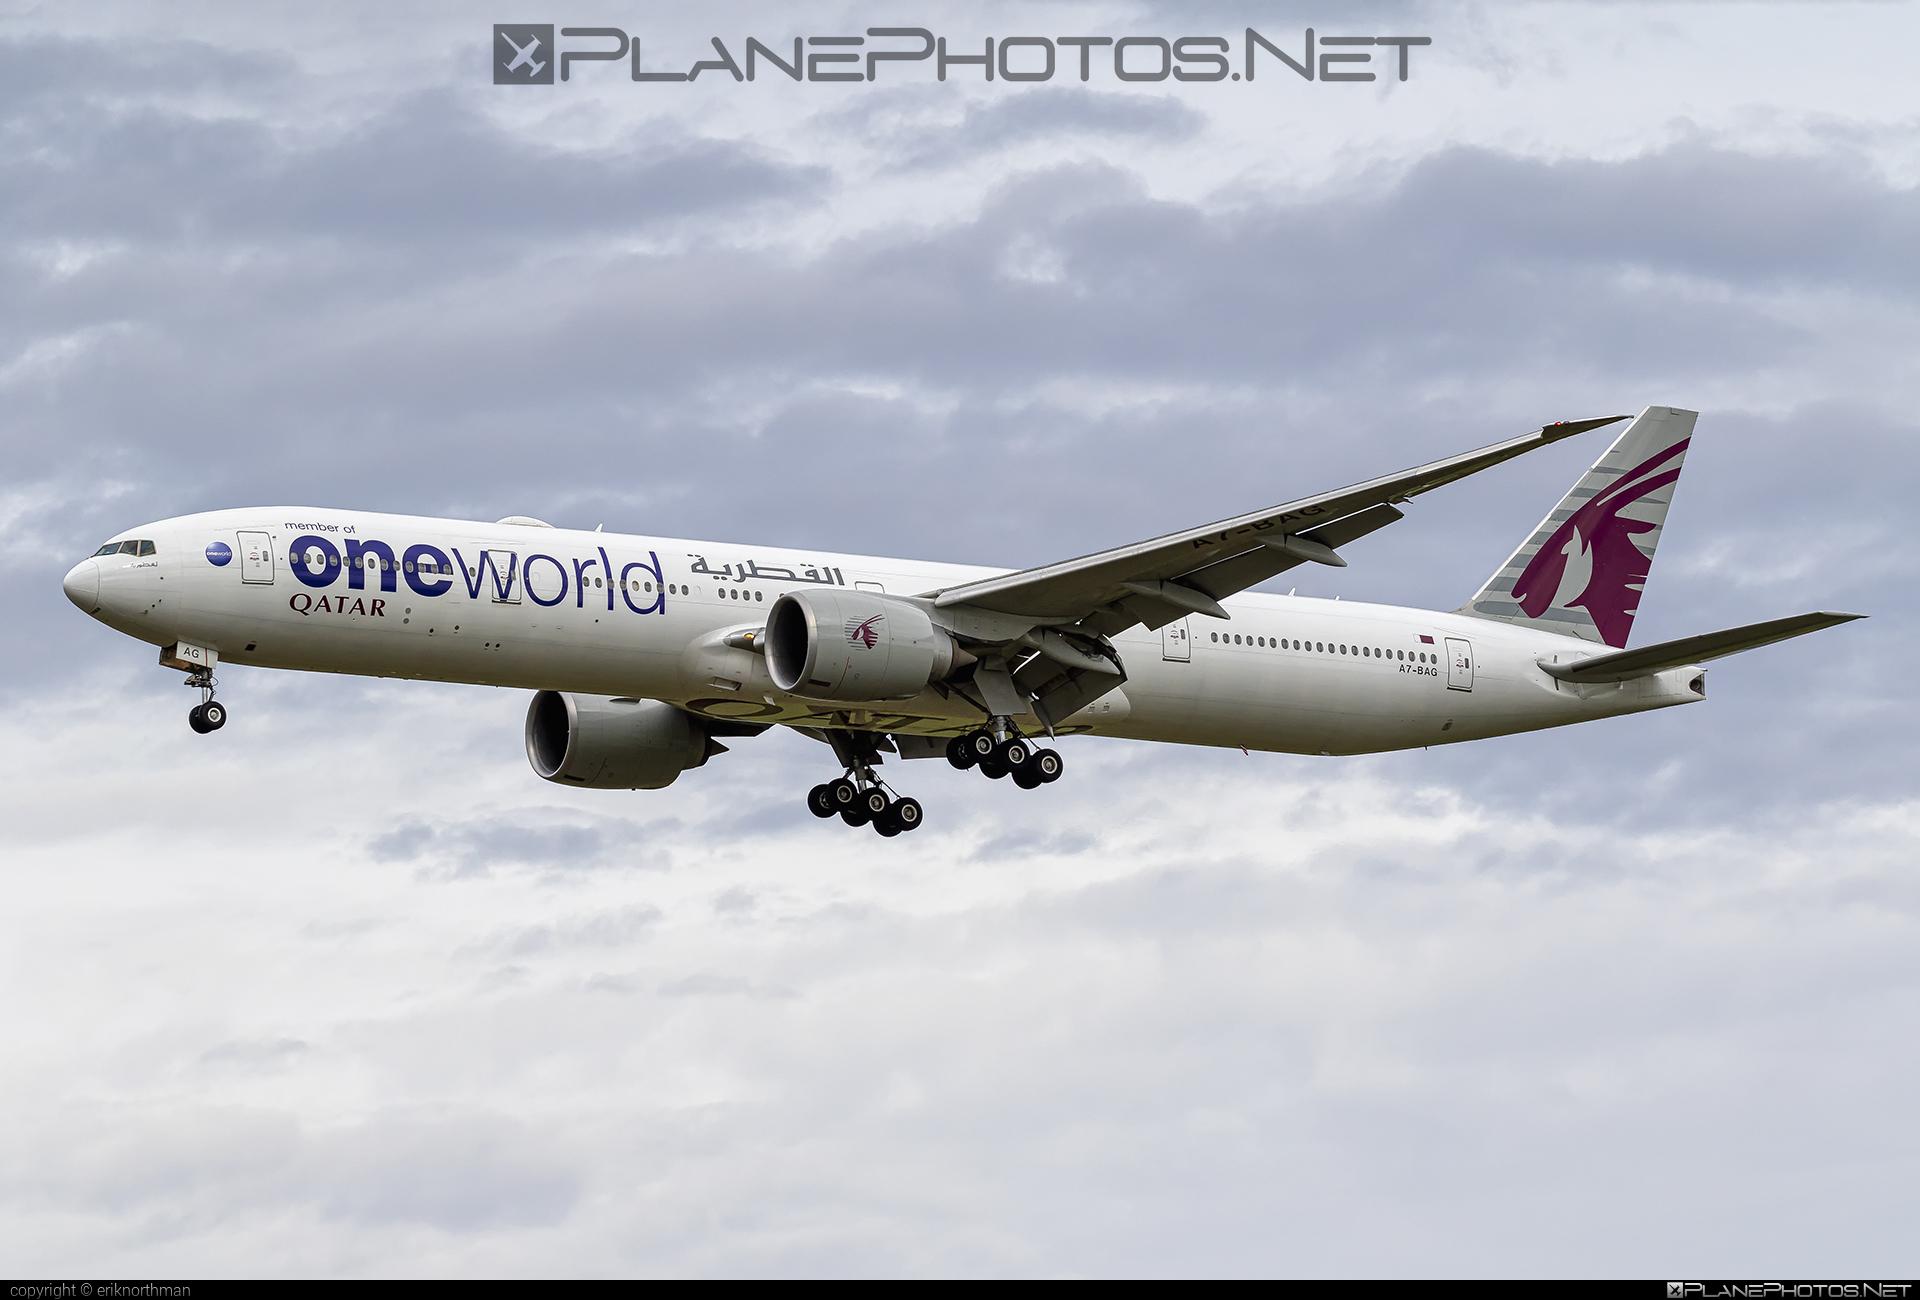 Boeing 777-300ER - A7-BAG operated by Qatar Airways #b777 #b777er #boeing #boeing777 #oneworld #qatarairways #tripleseven